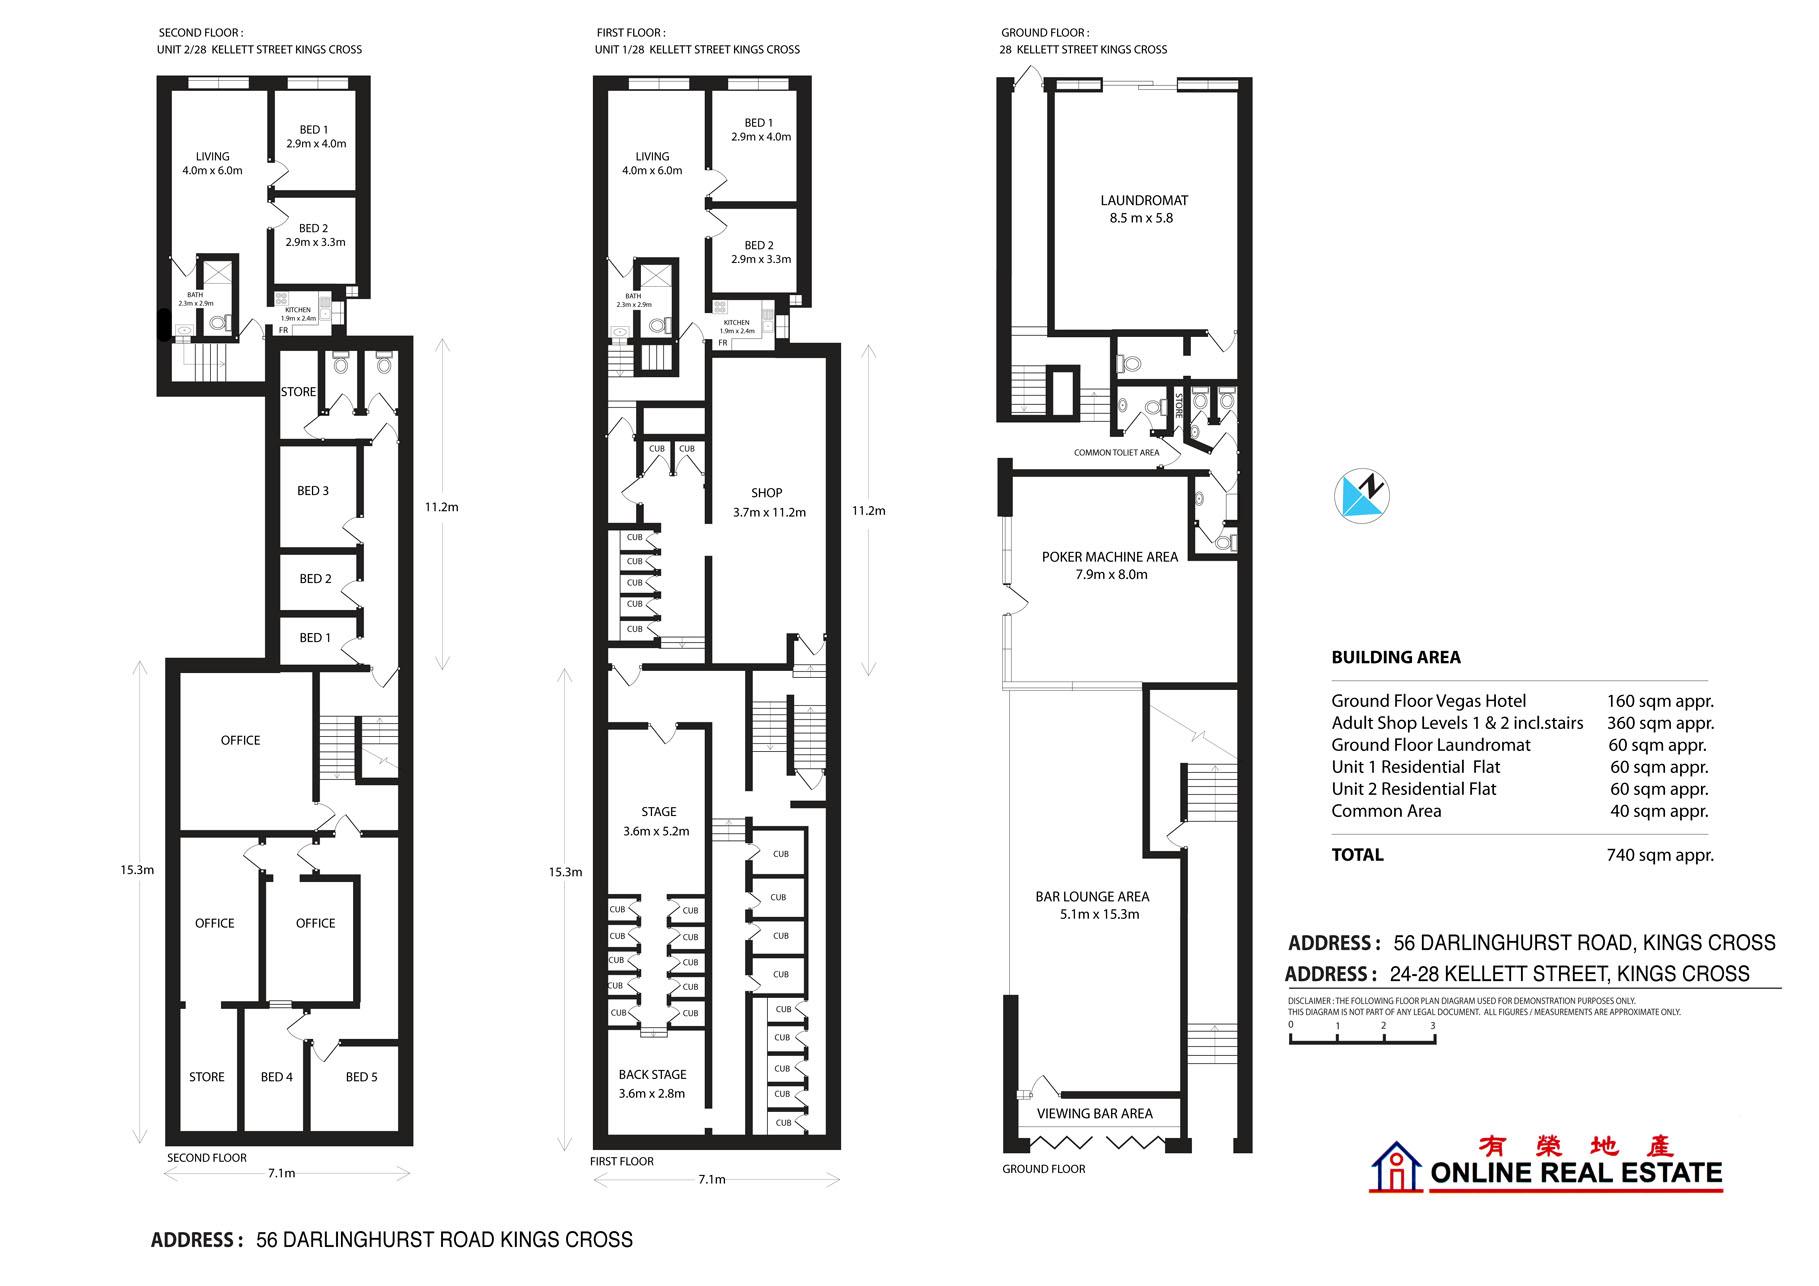 Floorplan 58 Darlinghurst rd